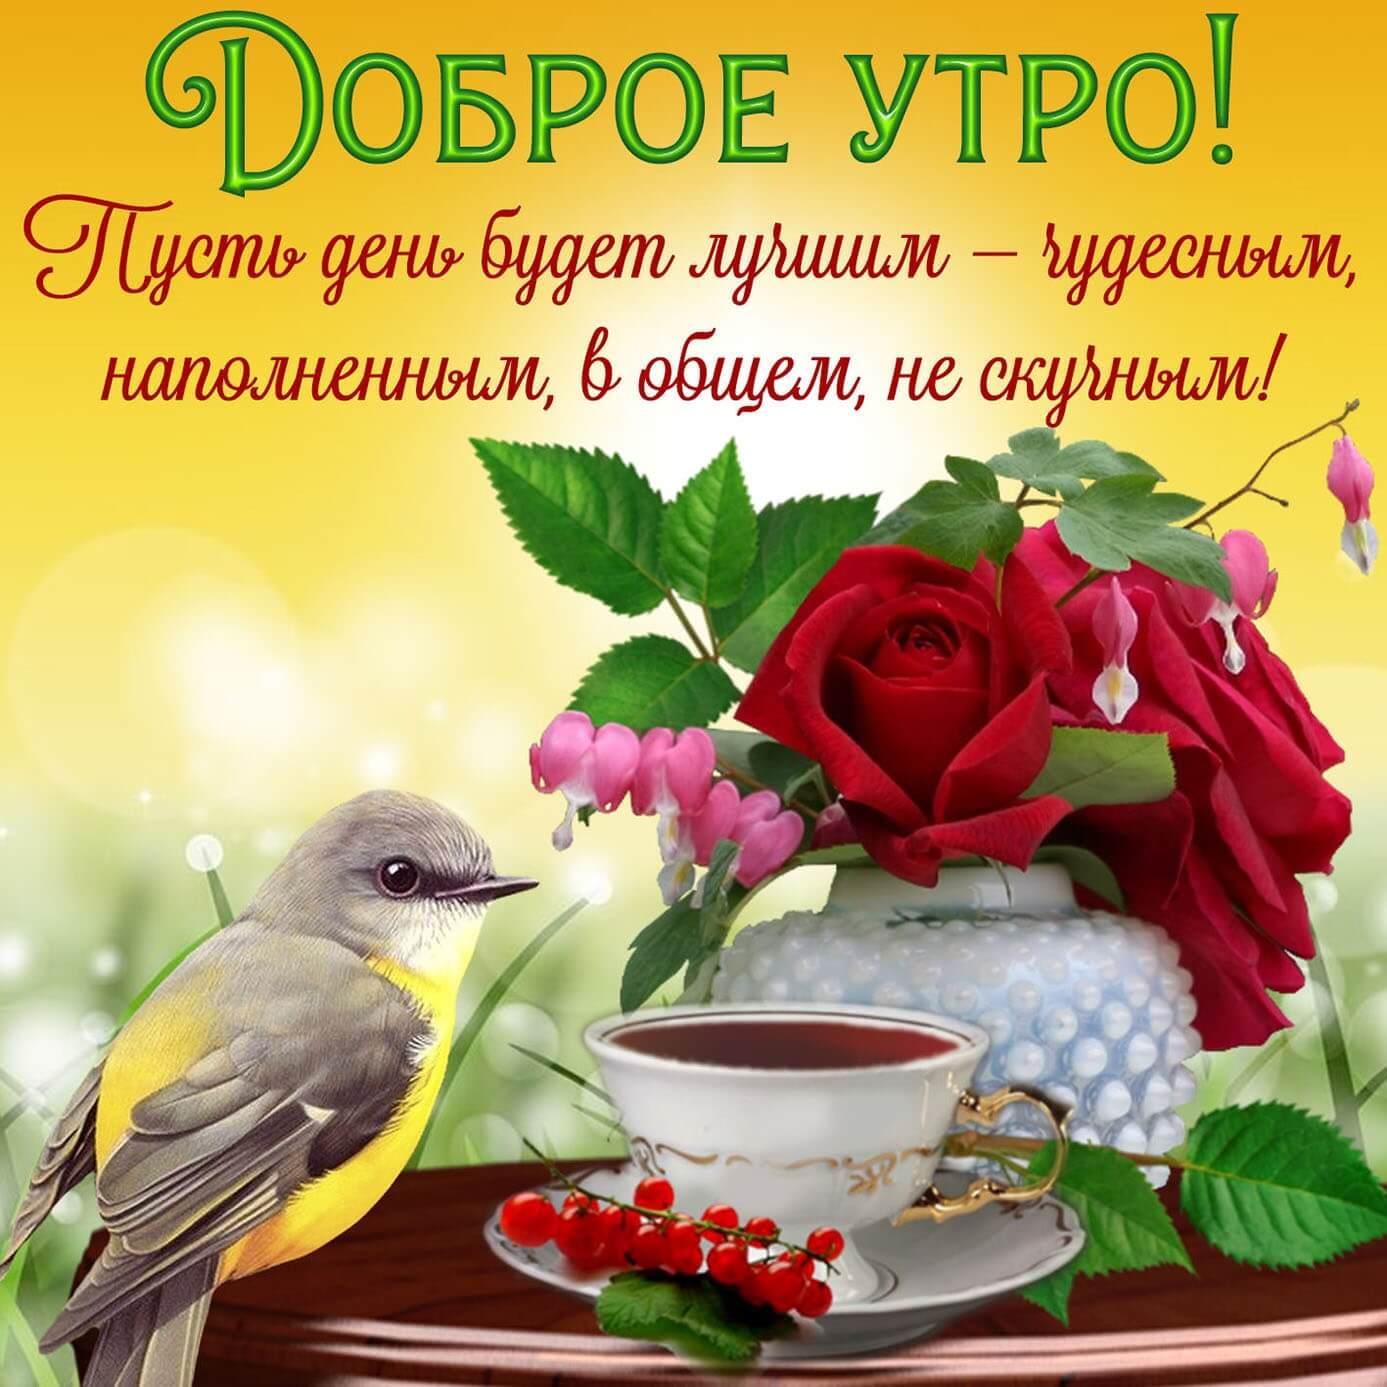 Скачать открытку с добрым утром и хорошего настроения 05